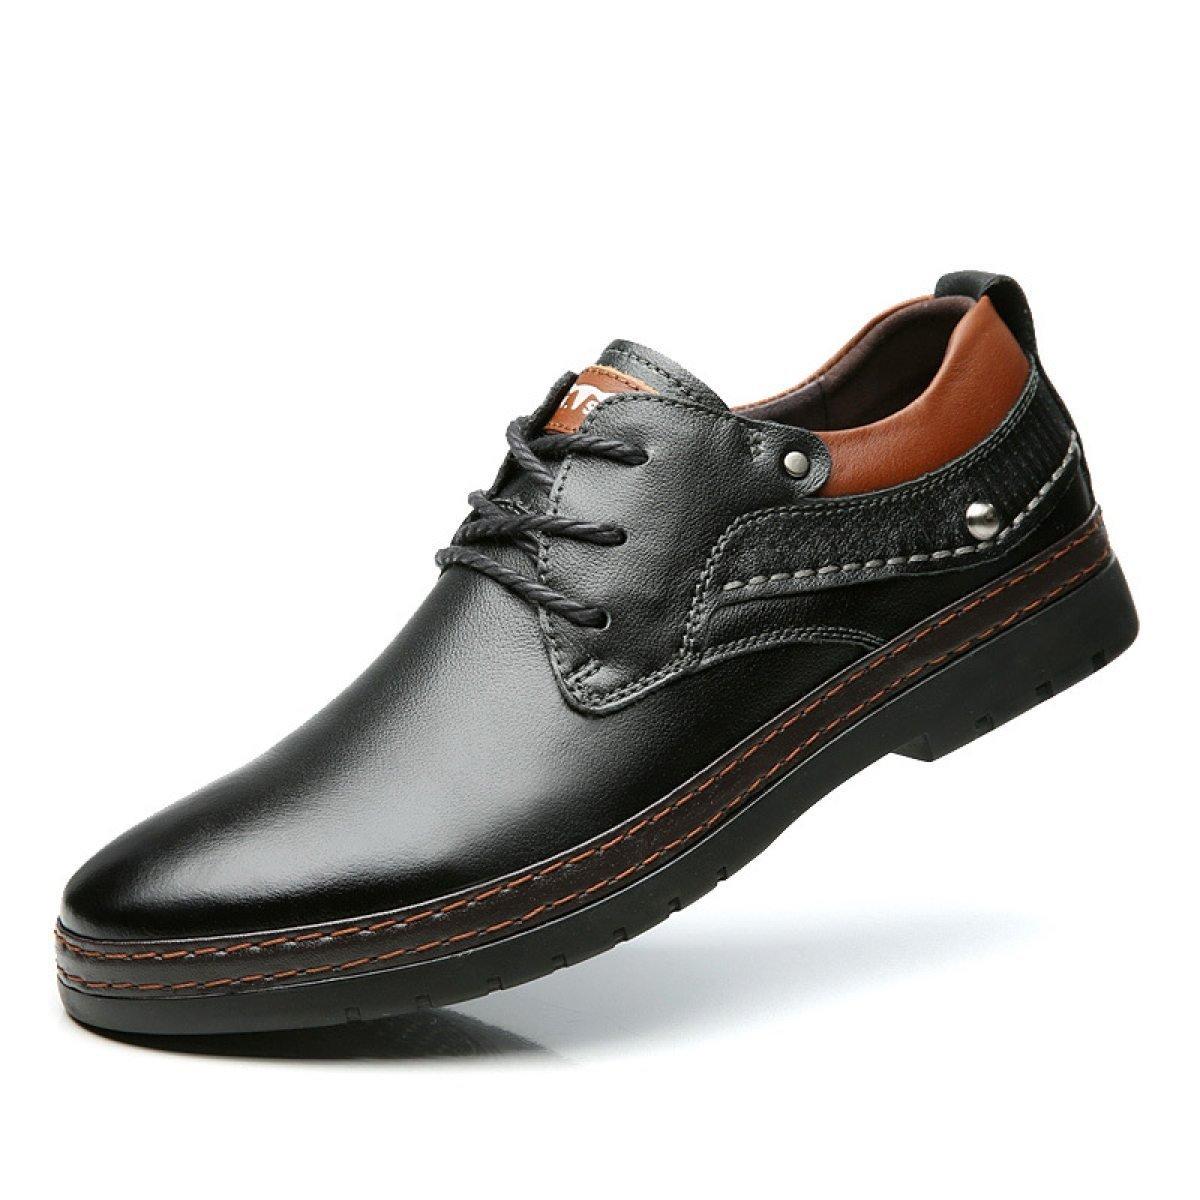 NBWE Herren Geschäft Leder Schuhe Casual Britischen Kleid Schuhe